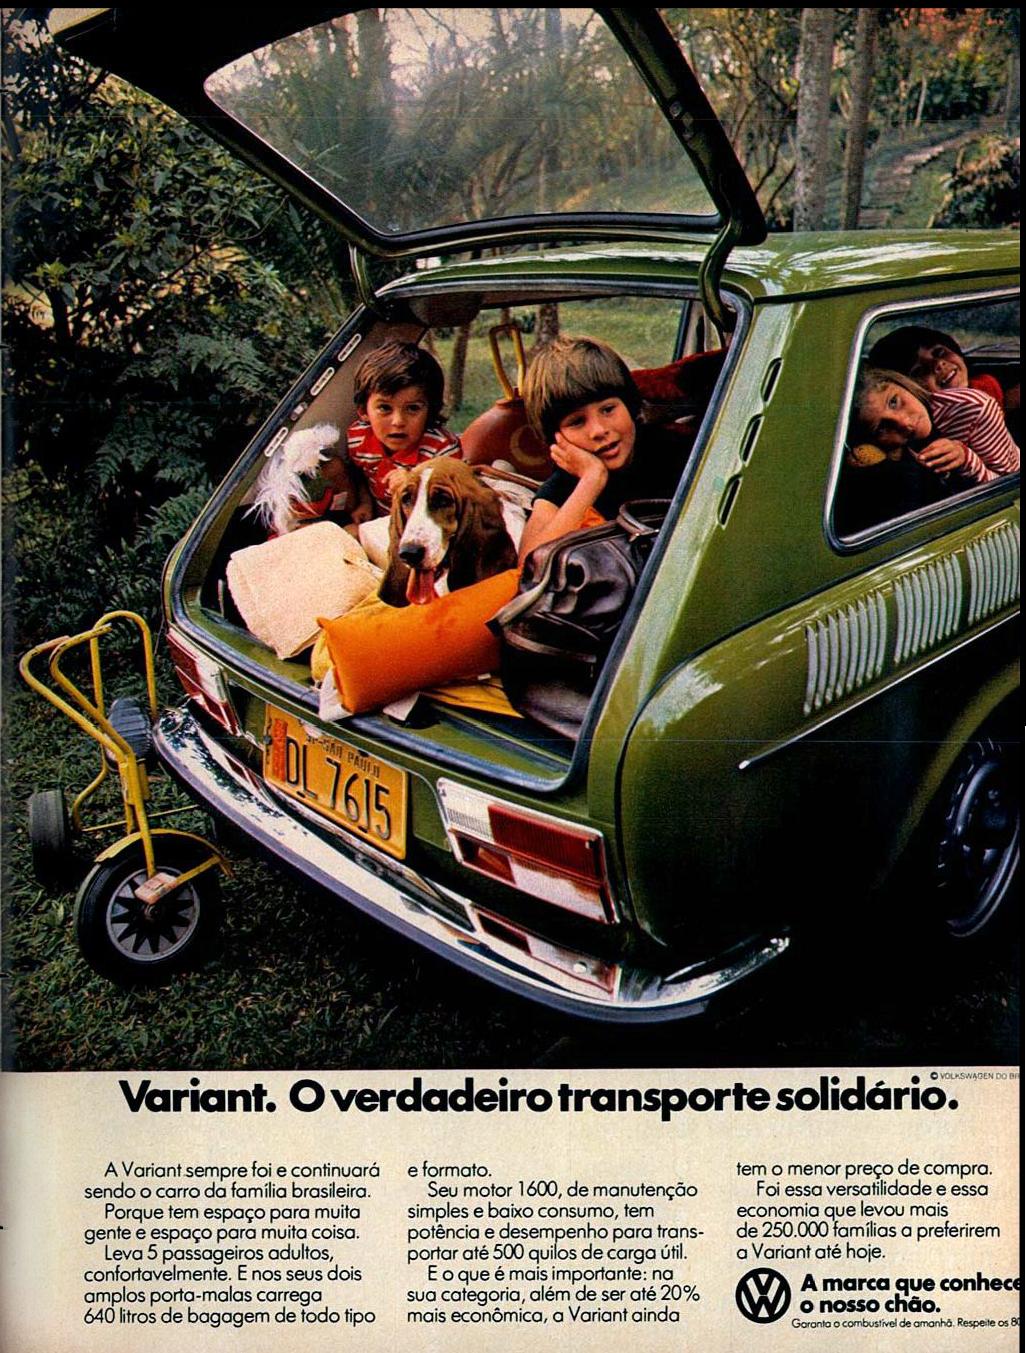 Campanha da Volkswagen para promover a alta capacidade interna da Variant nos anos 70